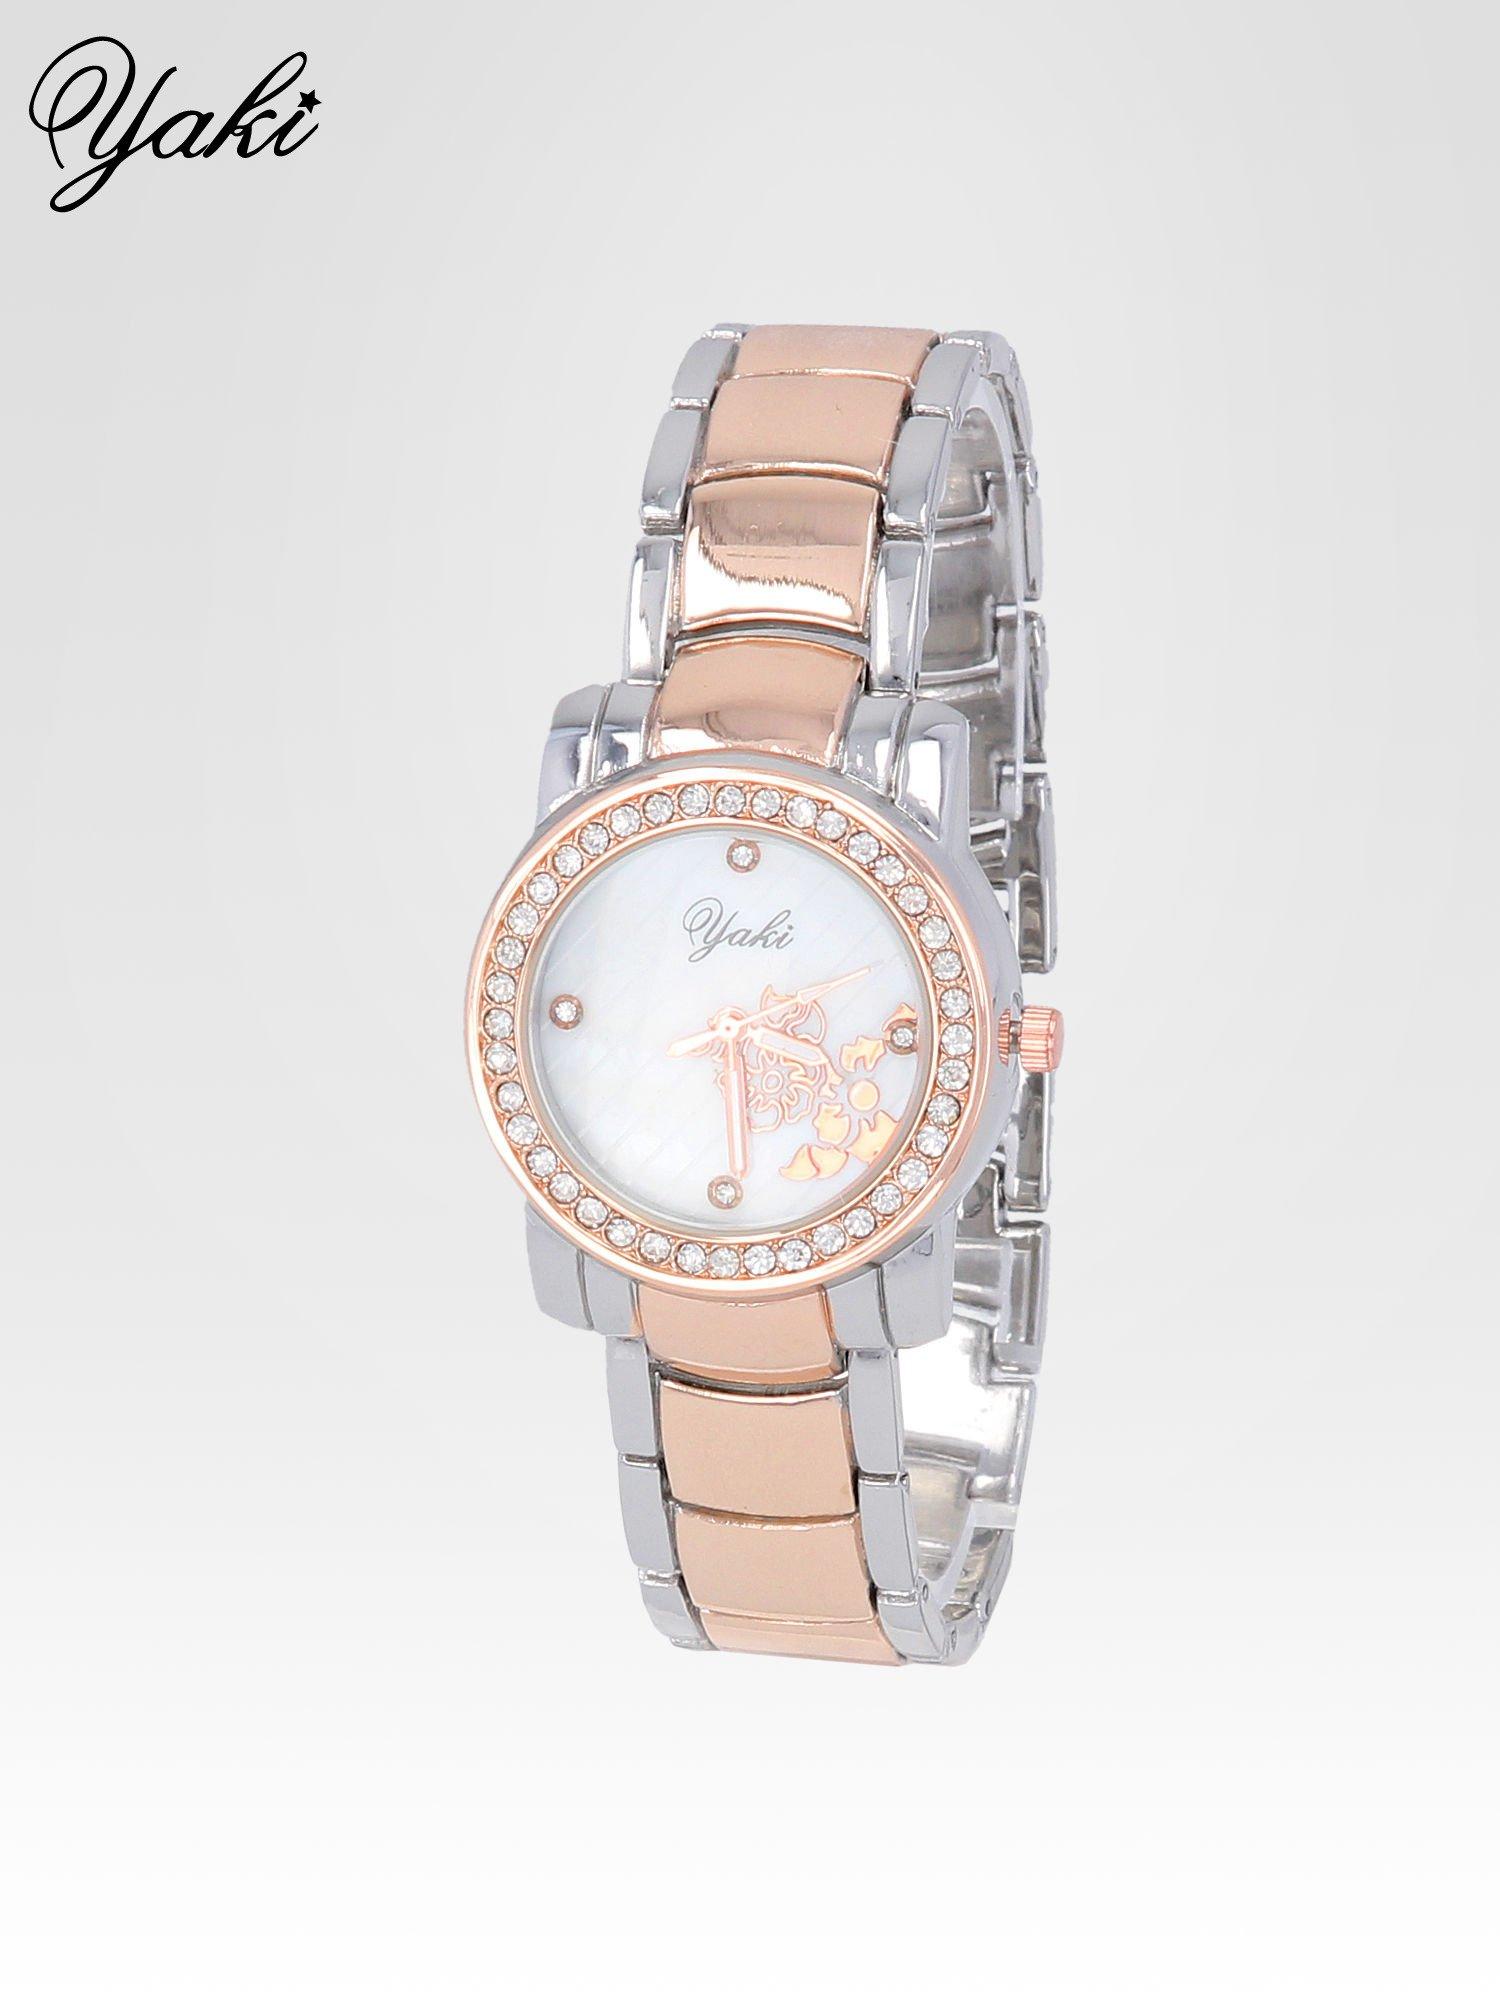 Zegarek damski z grawerem kwiatów z różowego złota                                  zdj.                                  2